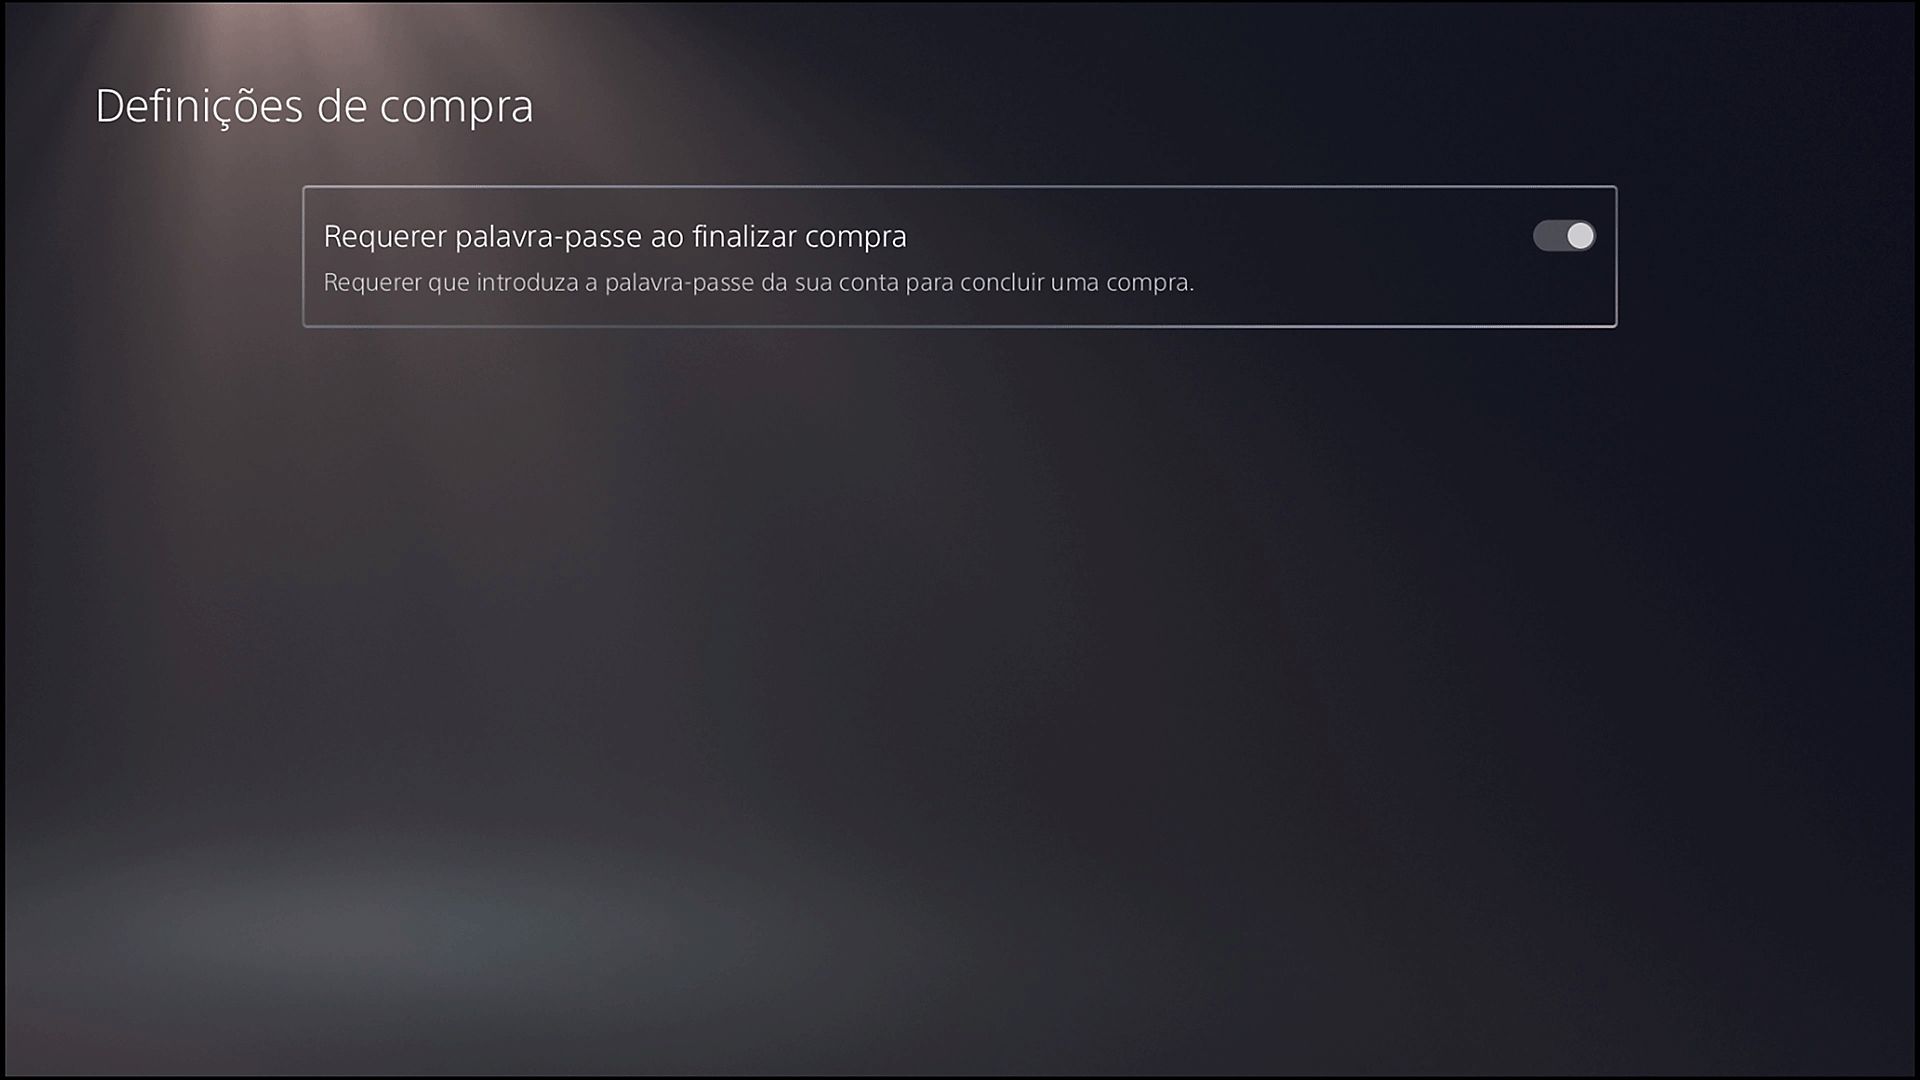 Tela de Configurações de compra com a opção Exigir senha ao finalizar a compra do PS5